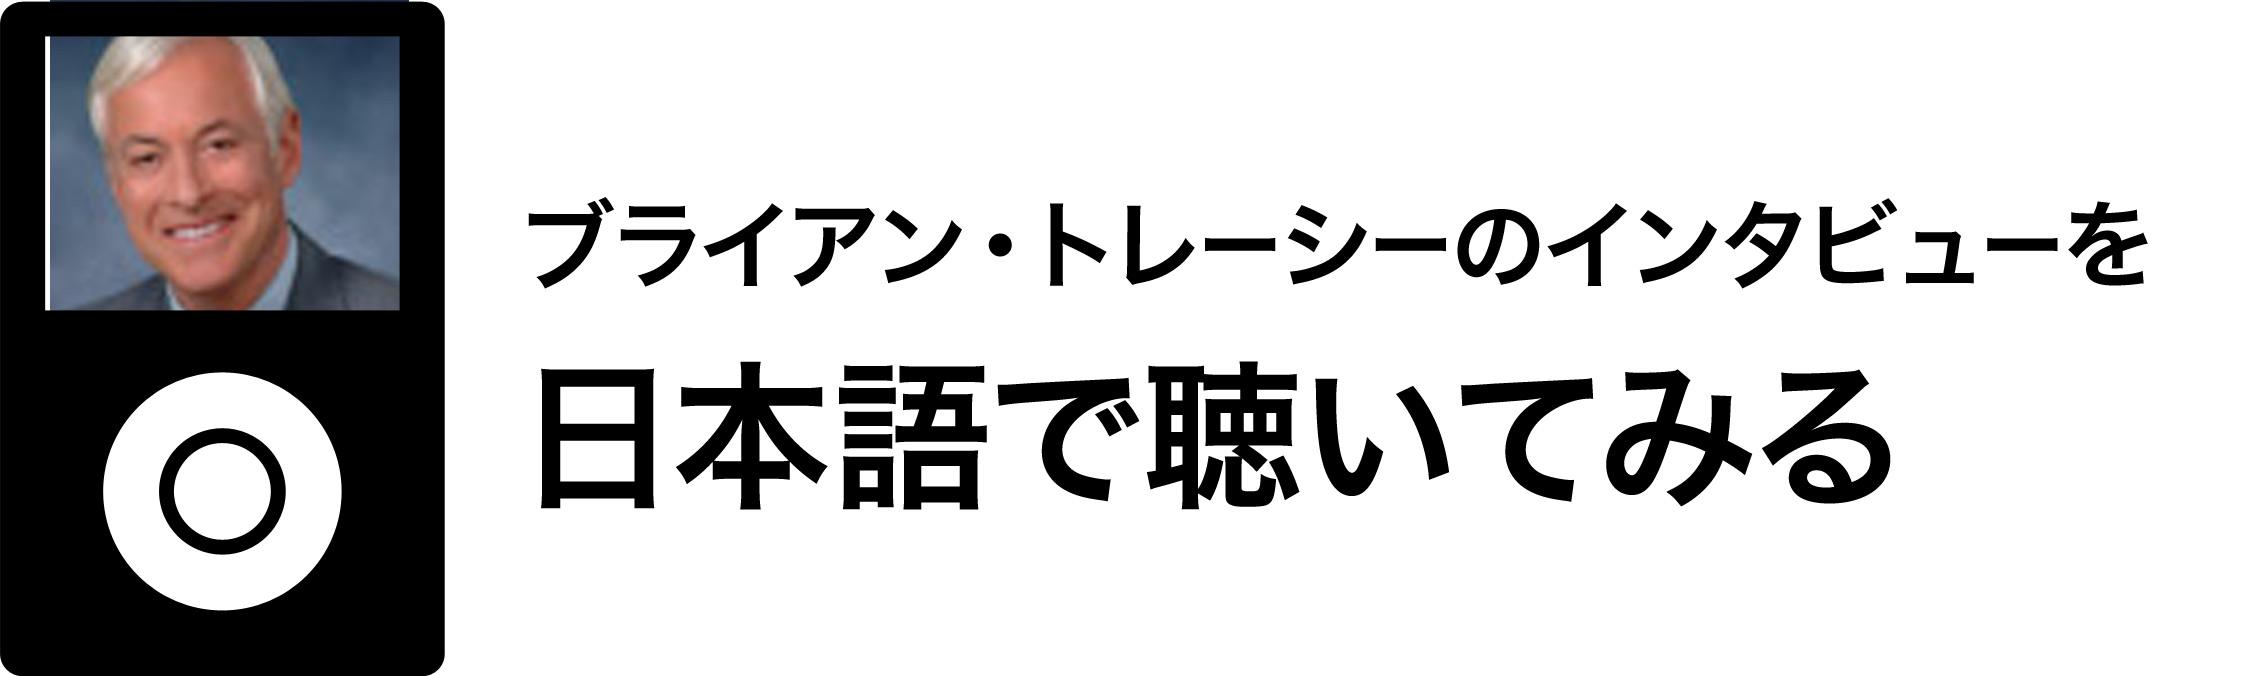 ブライアン・トレーシーの日本語インタビューはこちら